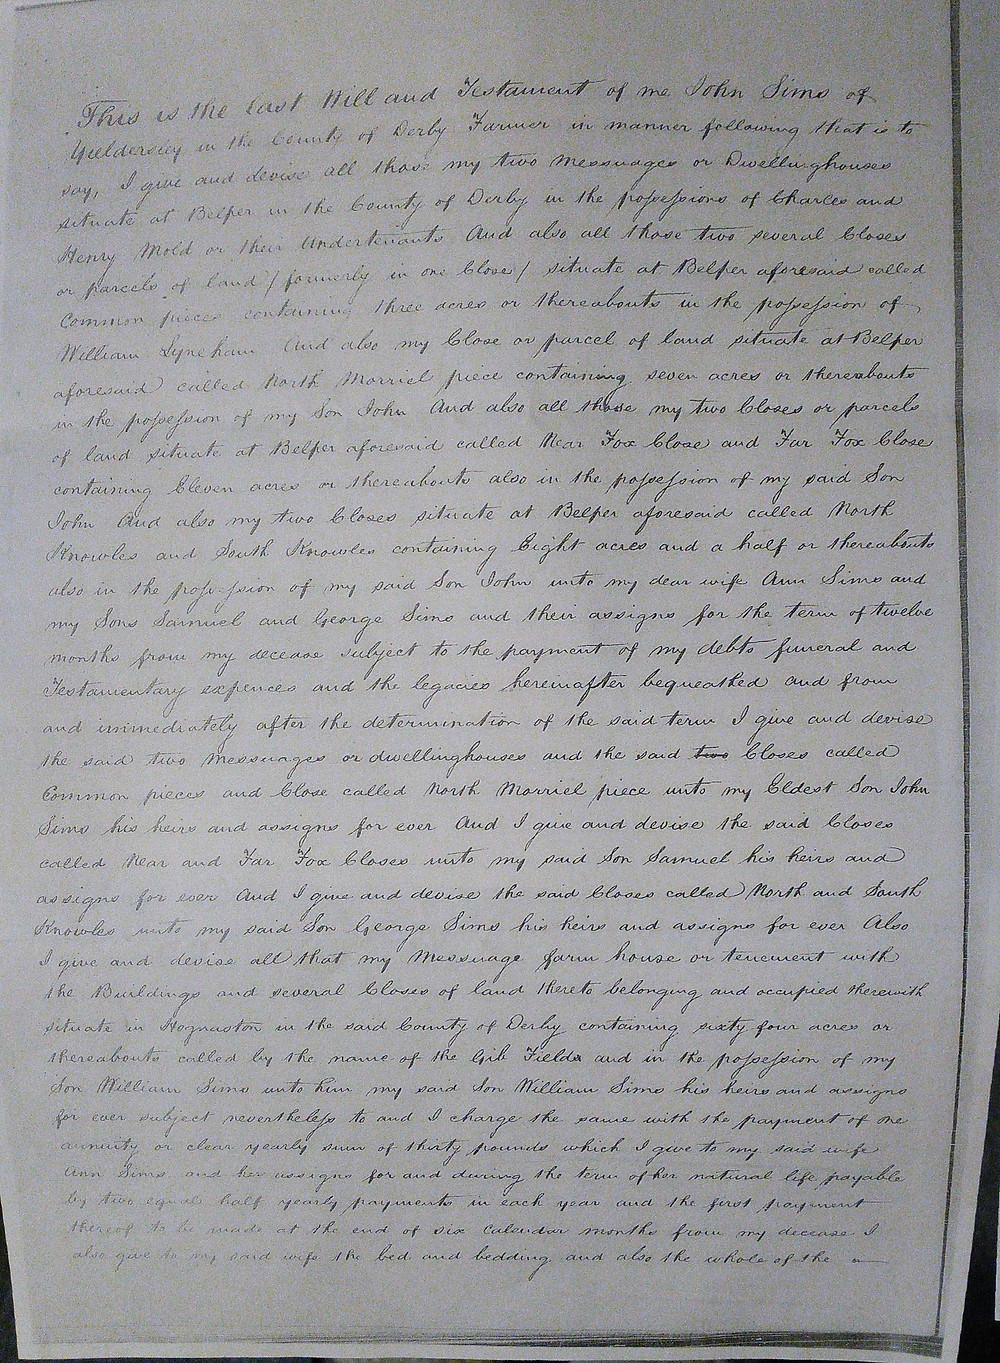 John Sims 1858 will.jpg